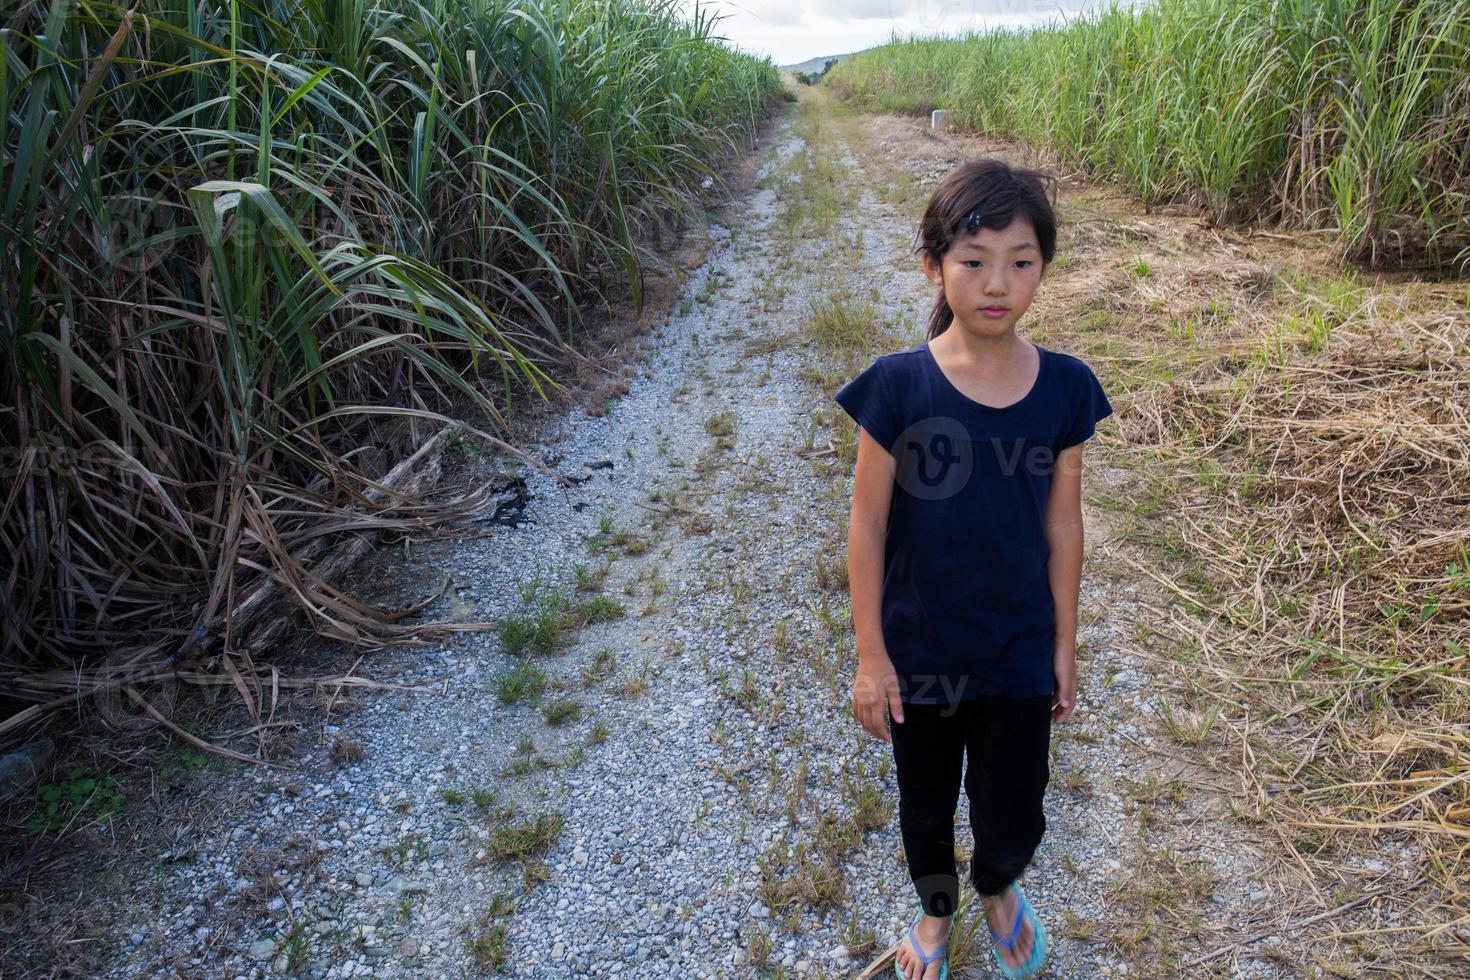 niña caminando en el camino recto foto